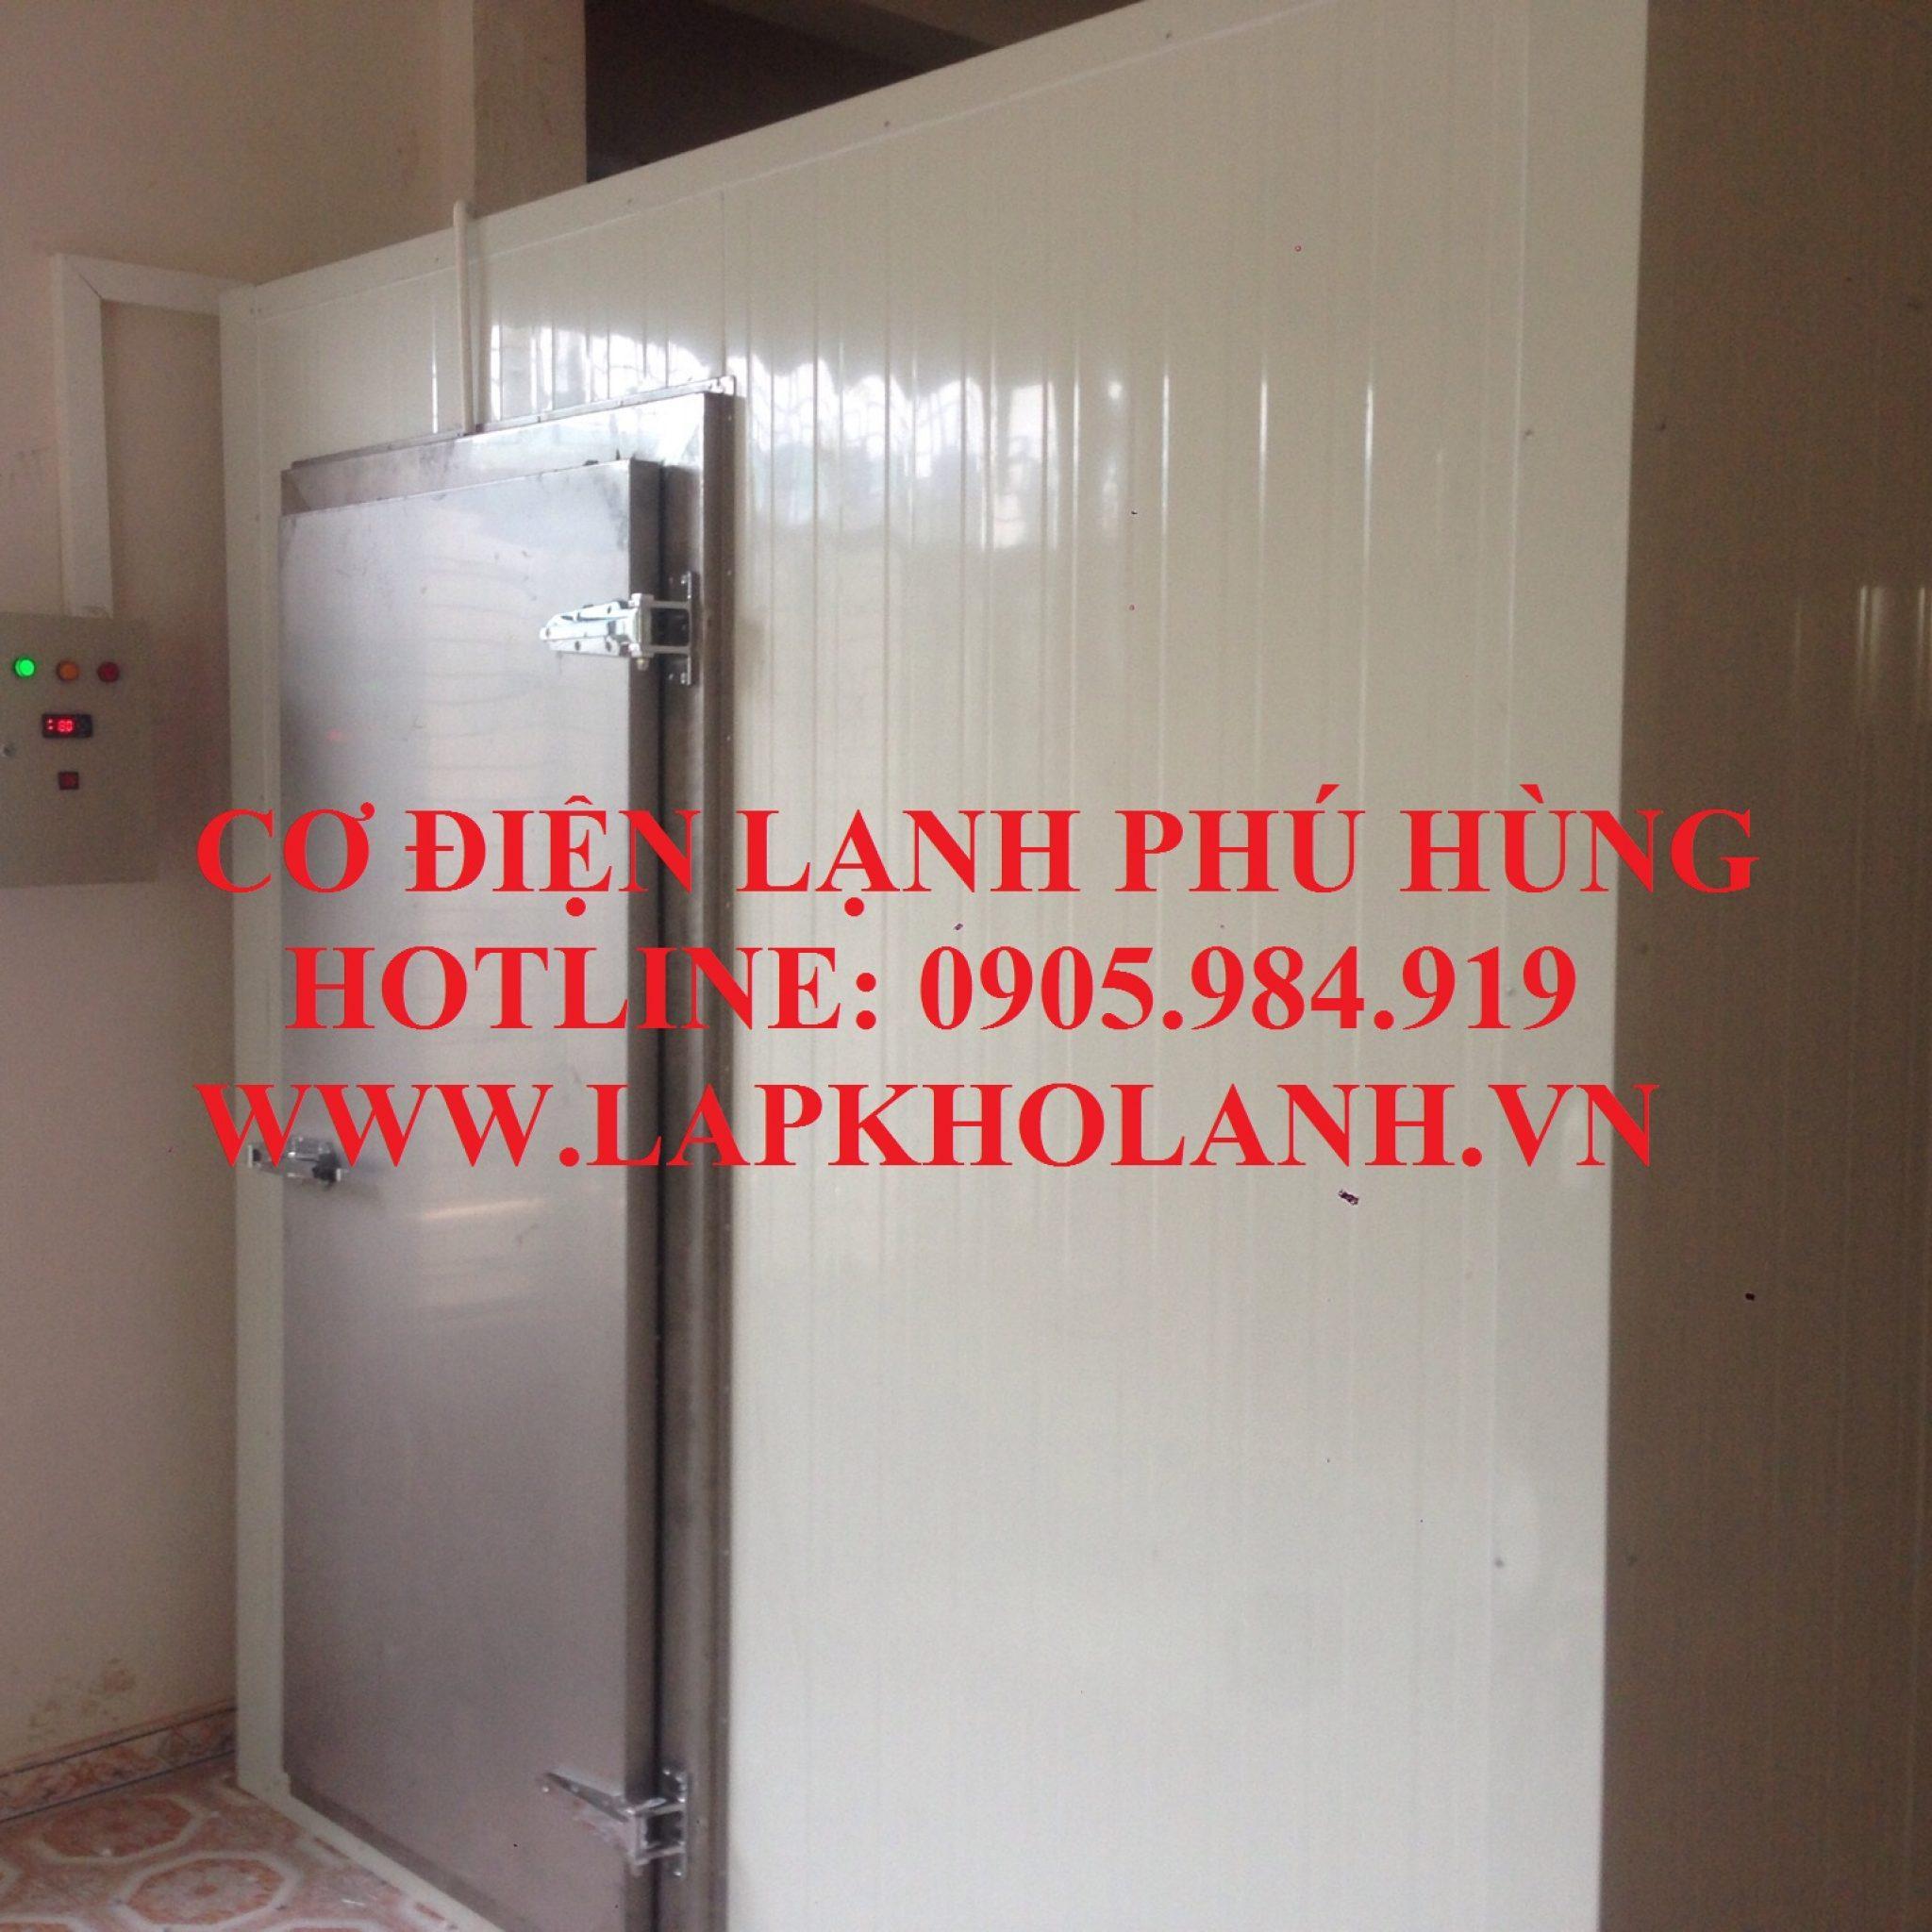 Thi công kho lạnh bảo quản Rau sạch tại Đà Nẵng